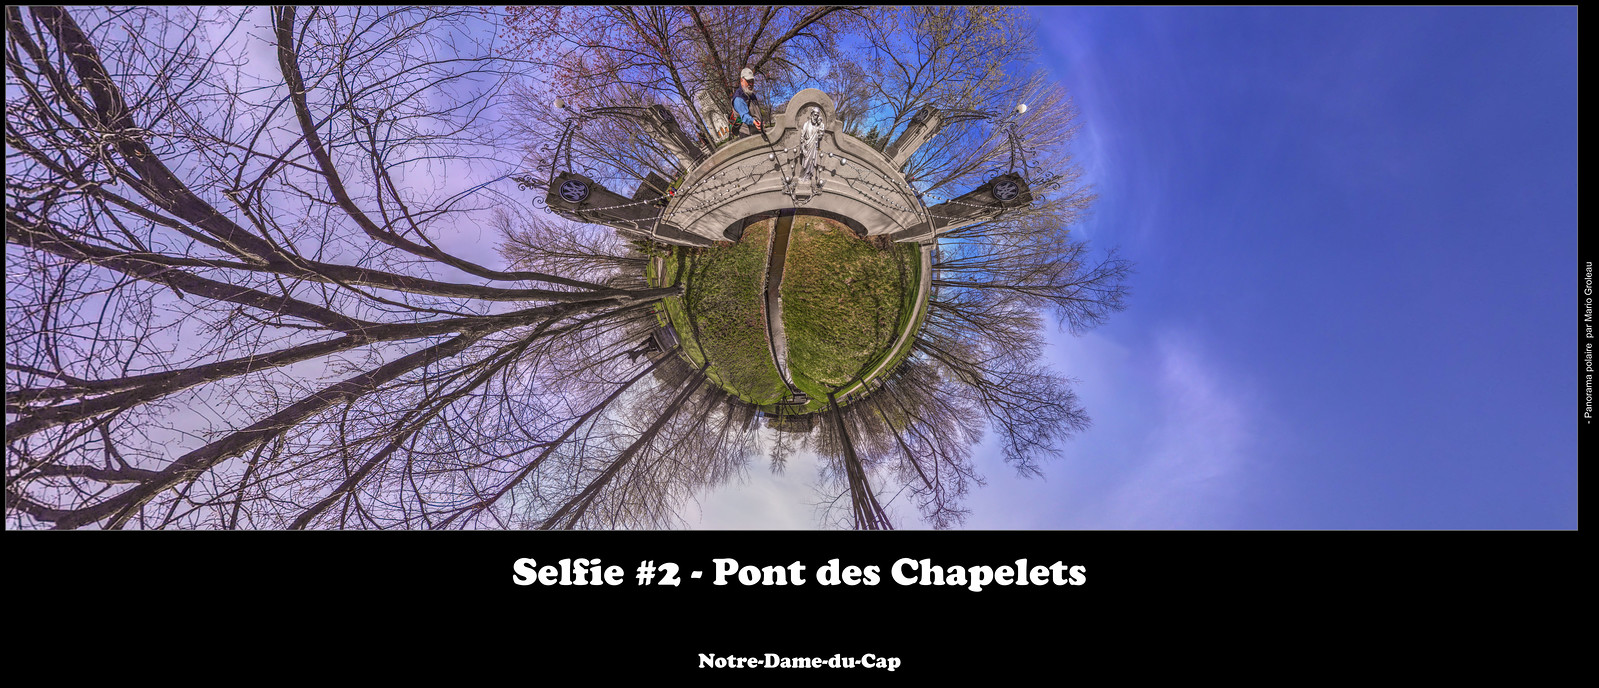 Selfie #2 - Pont des Chapelets